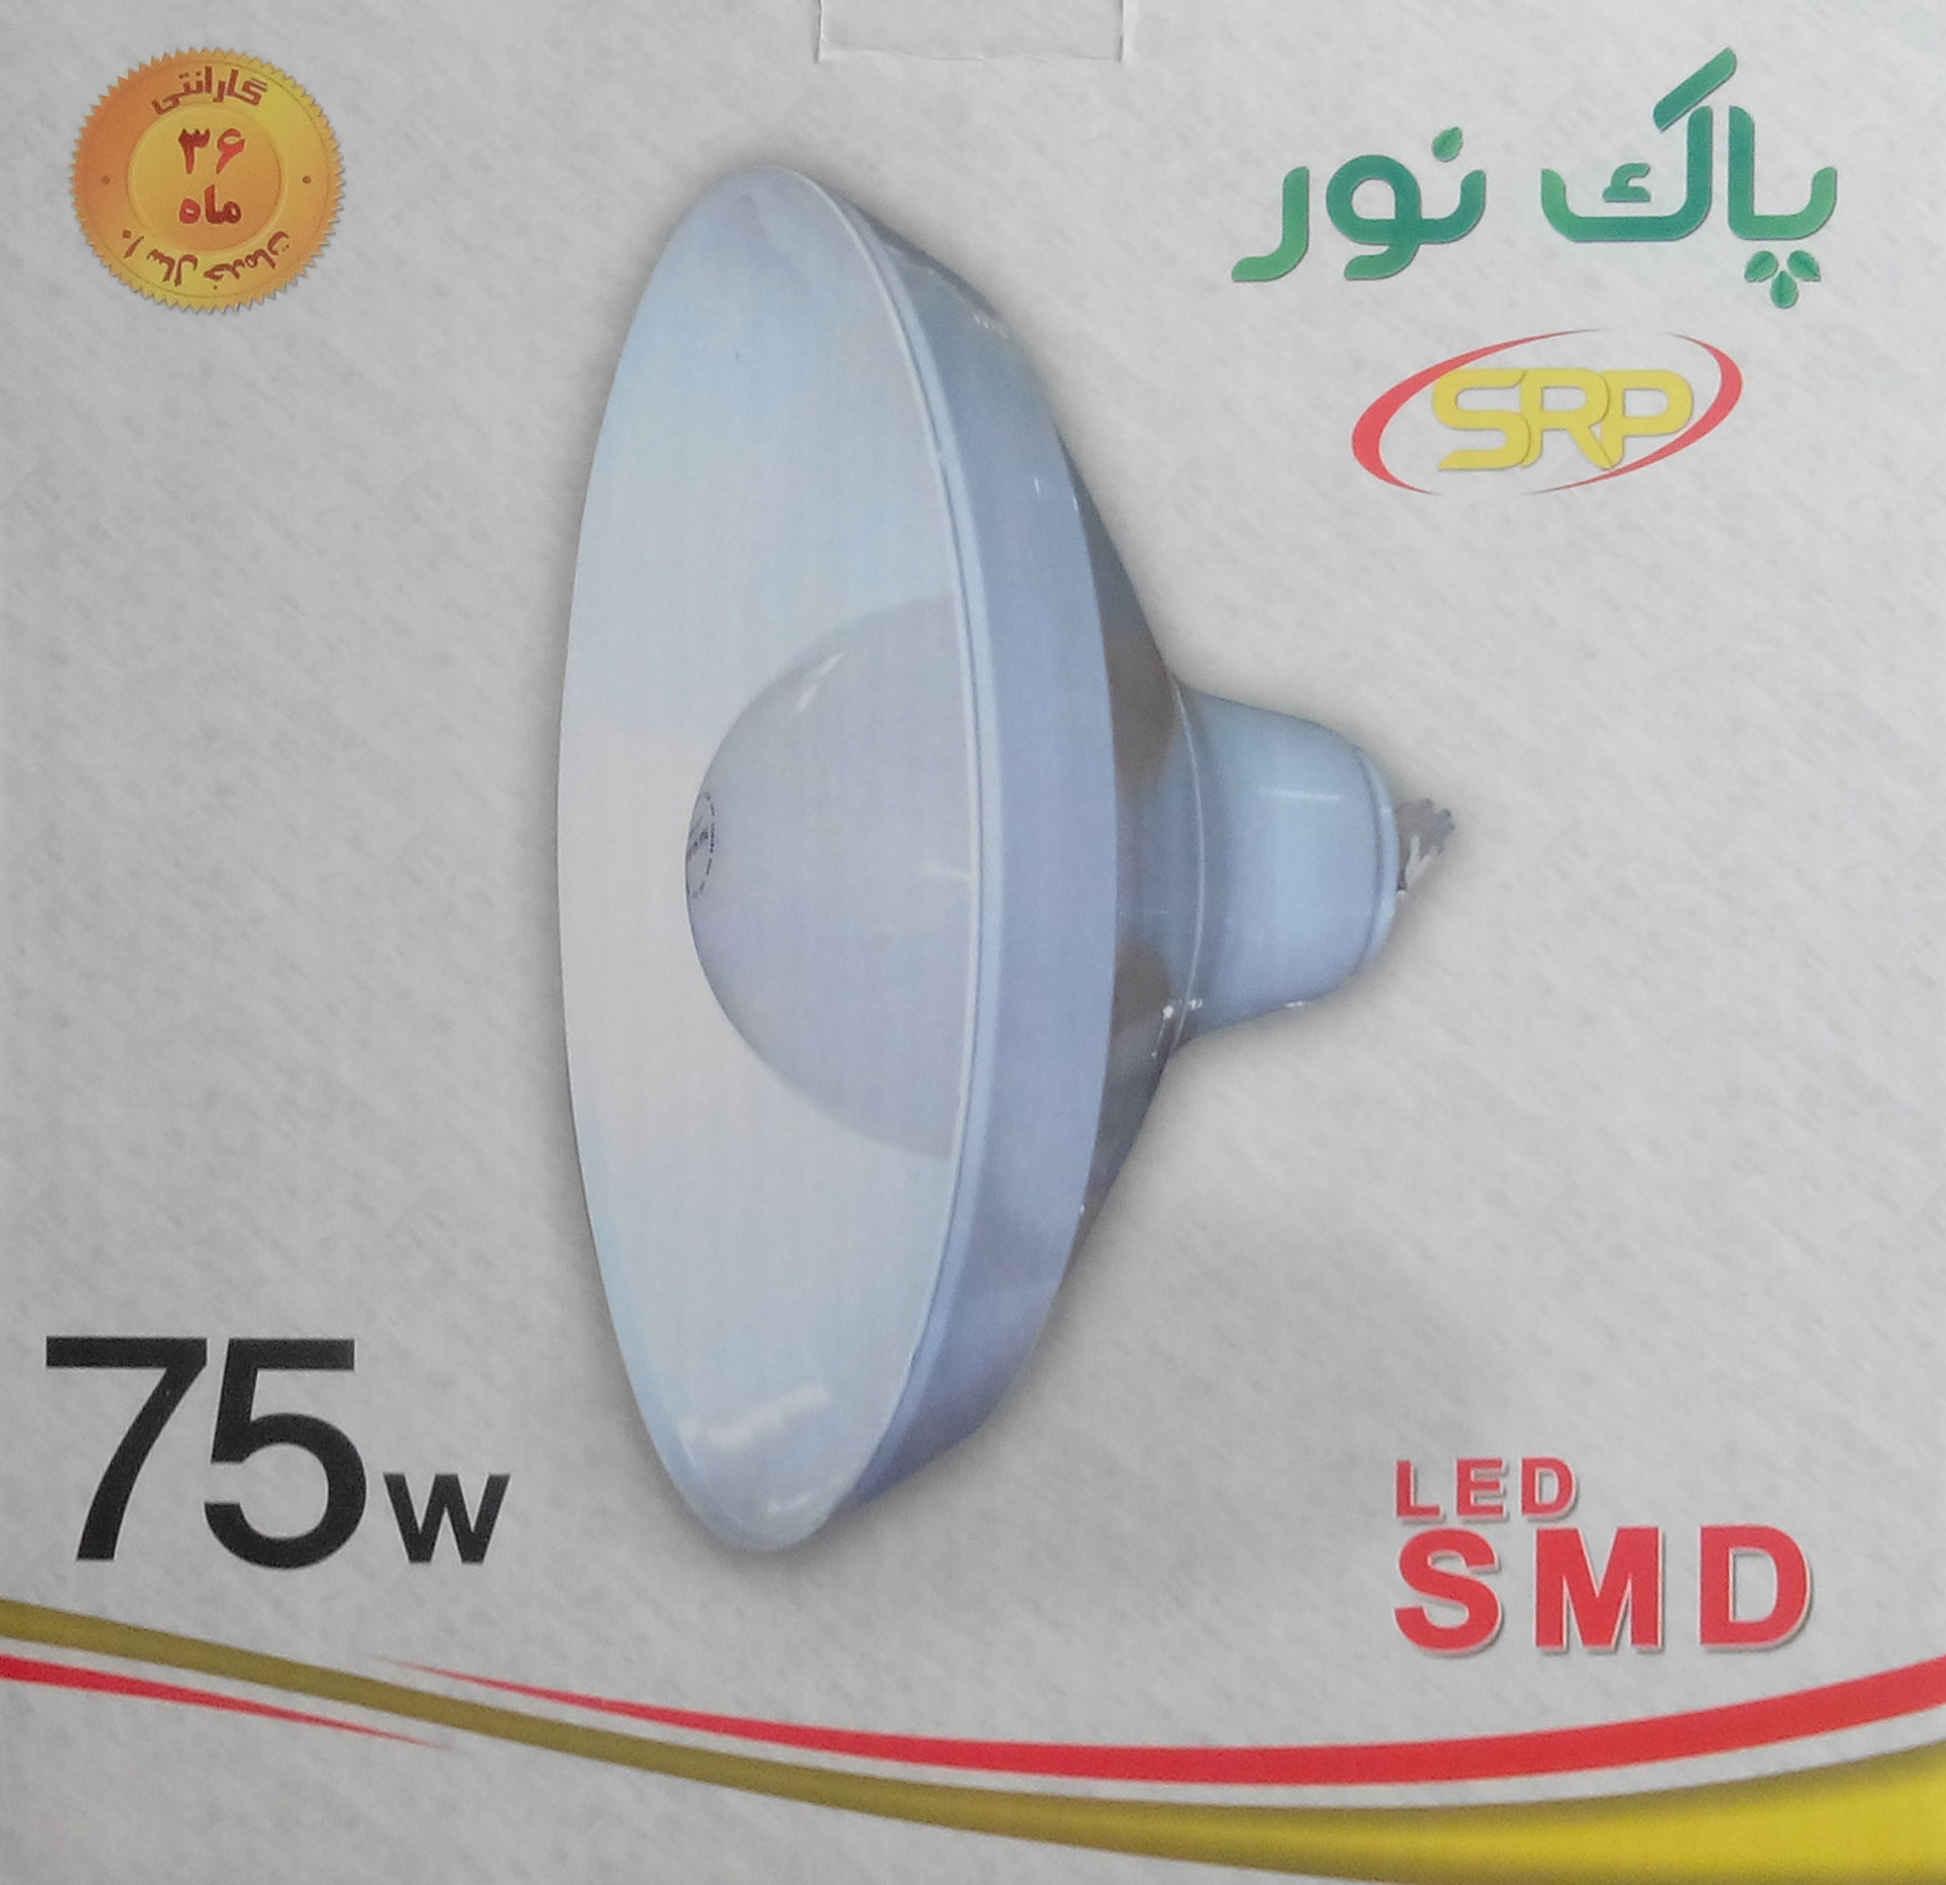 لامپ اس ام دی پاک نور 75 وات سوله ای